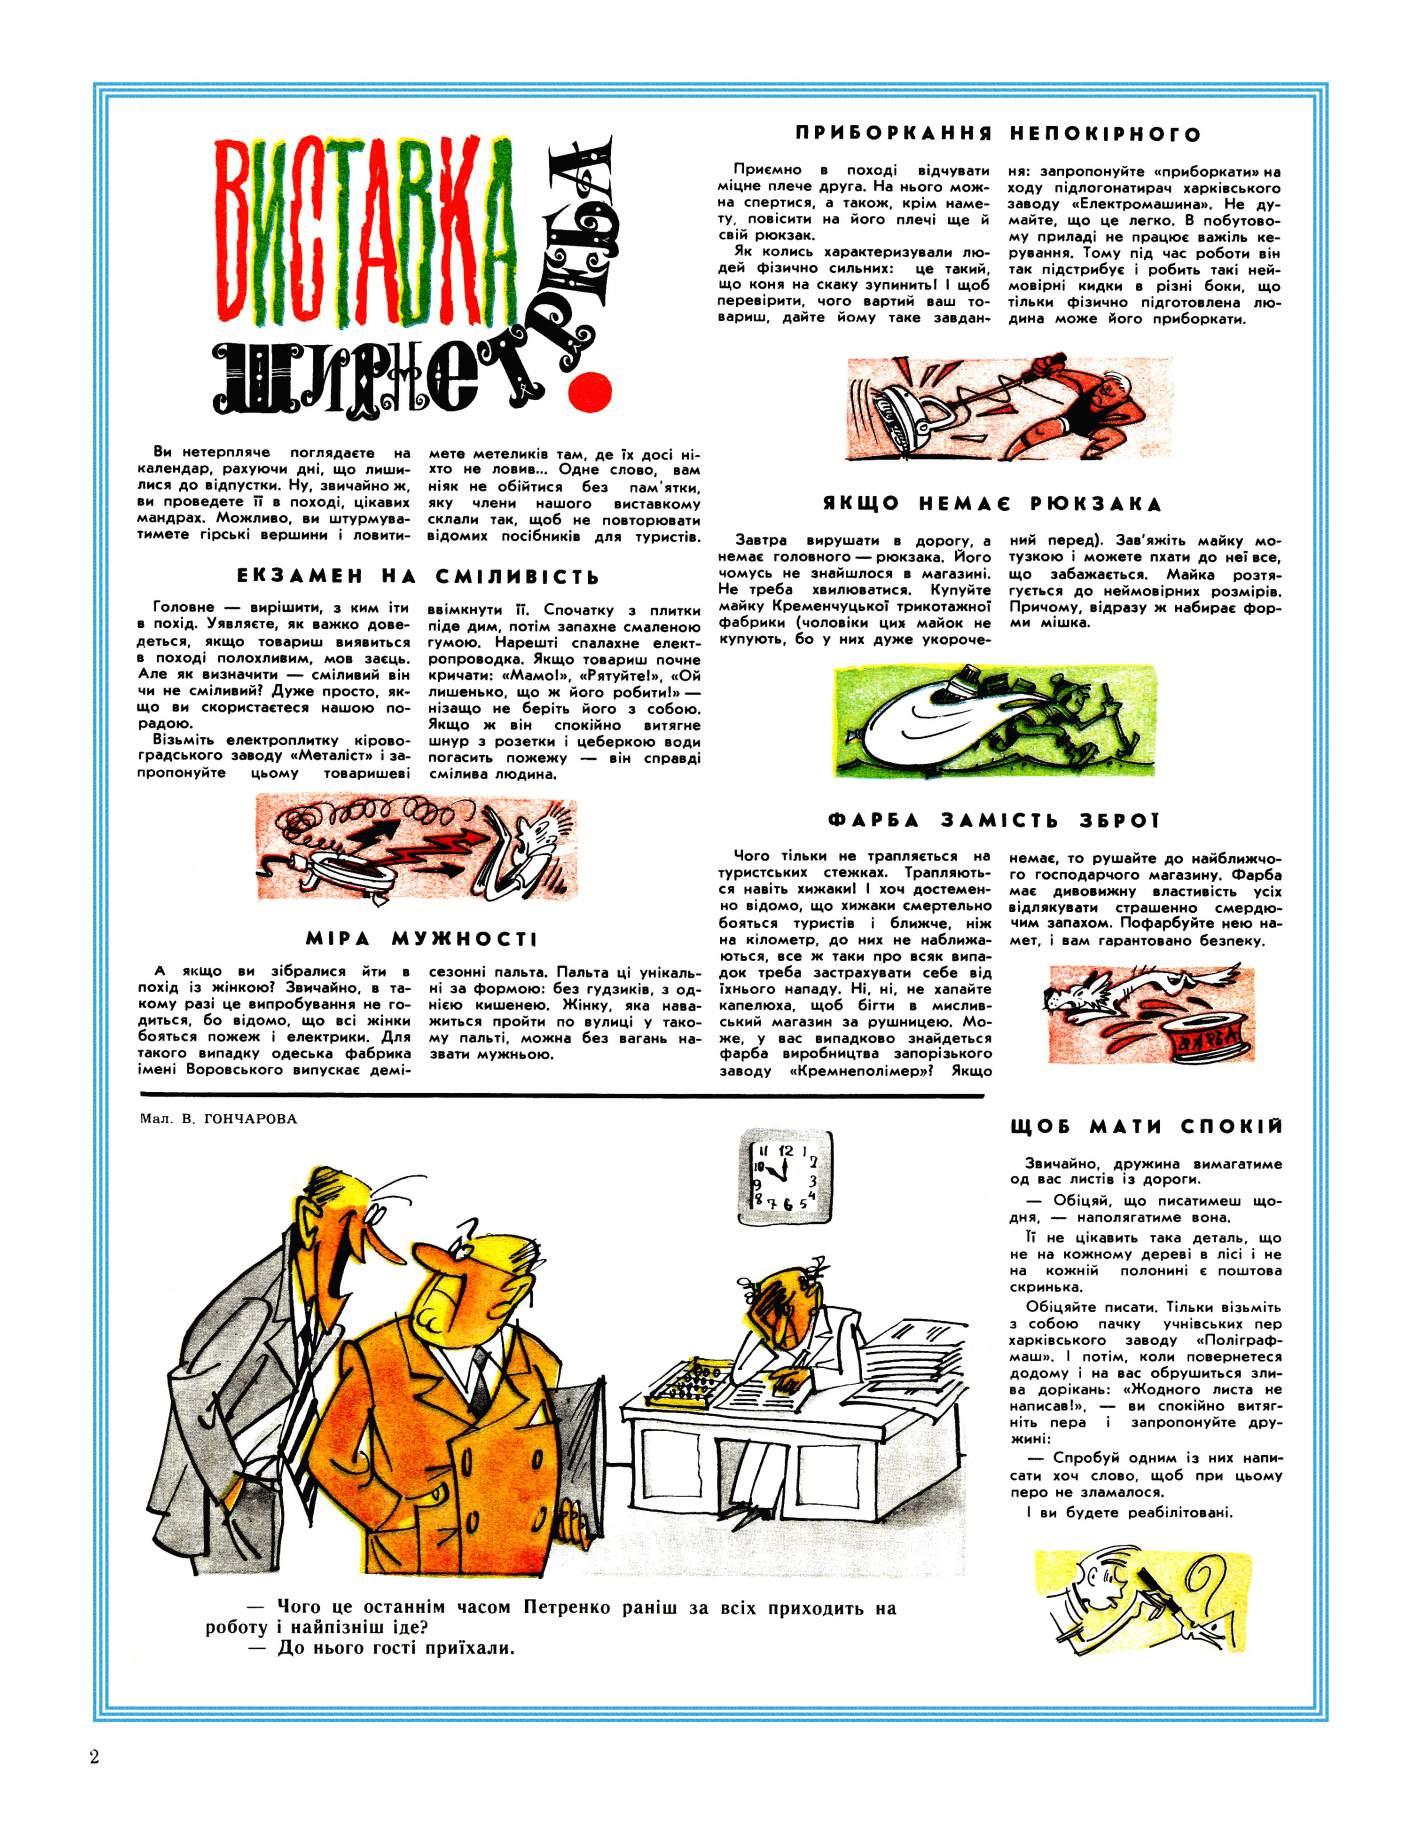 Журнал перець 1972 №11